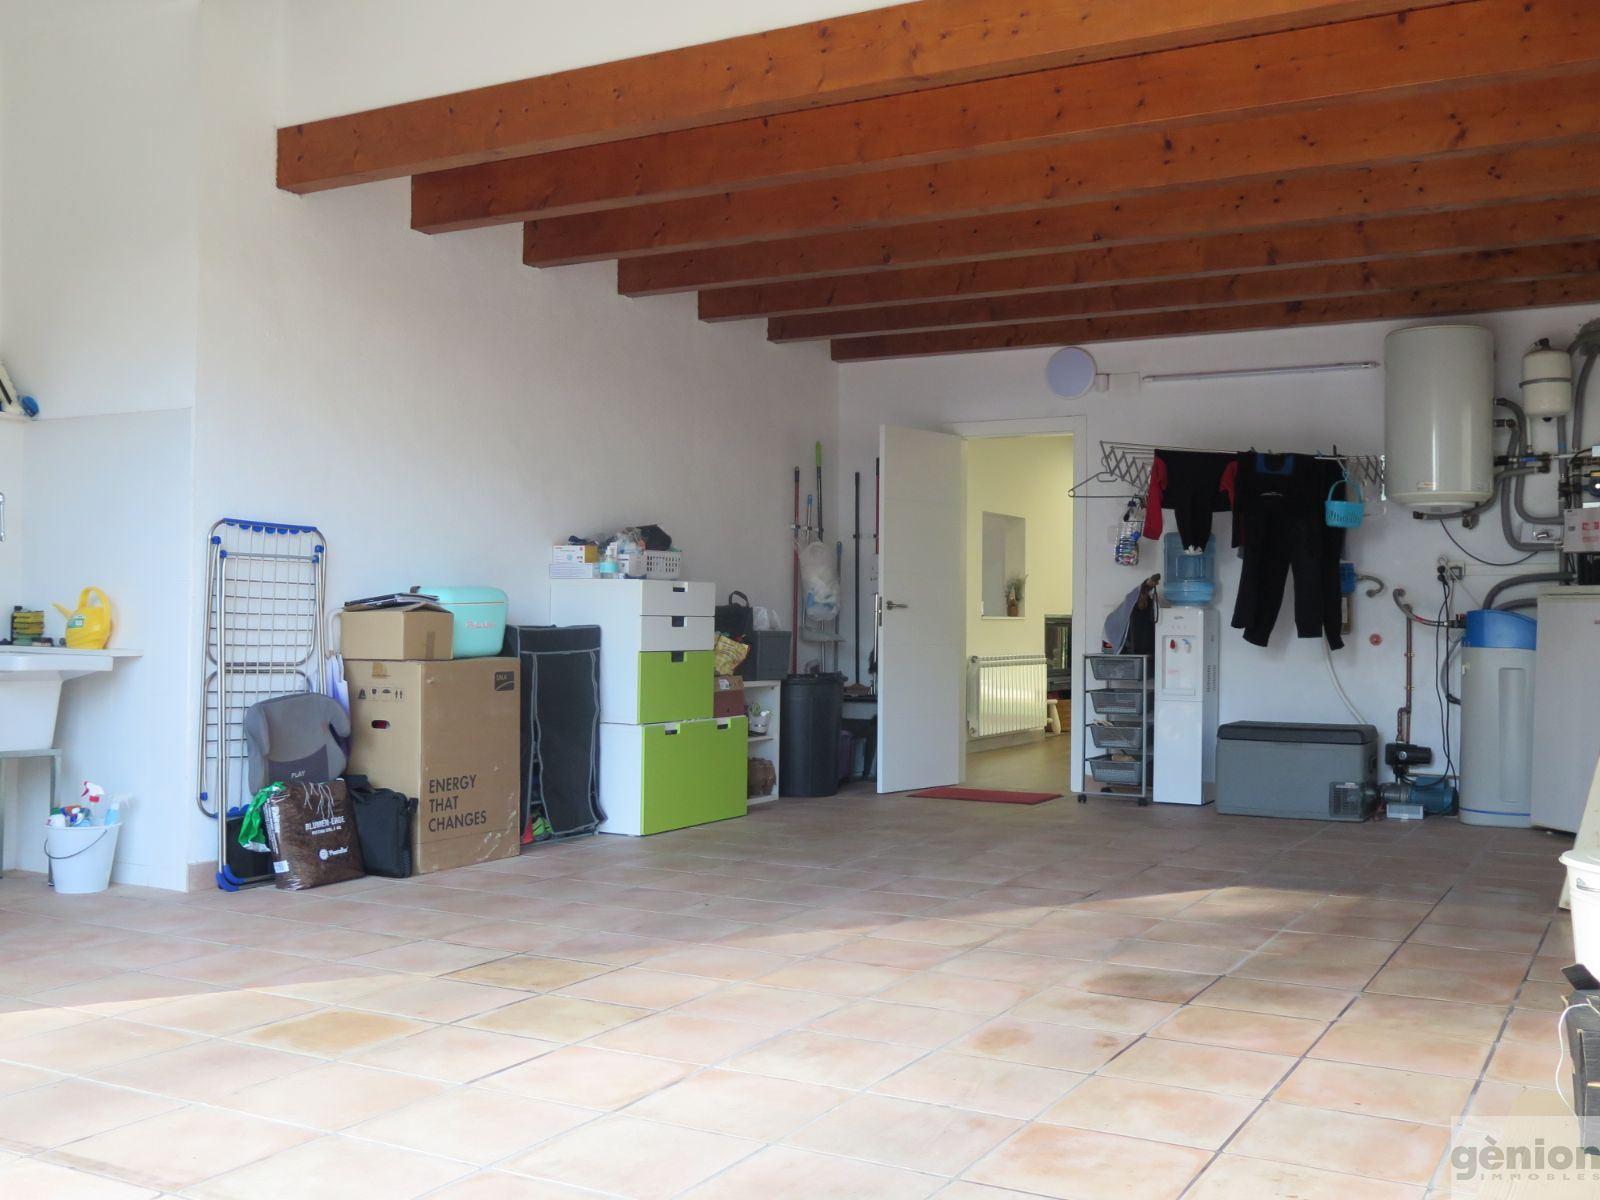 CASA NOVA AL GOLF GIRONA. 277,41M²CONSTRUÏTS I 1.OOOM² DE PARCEL.LA